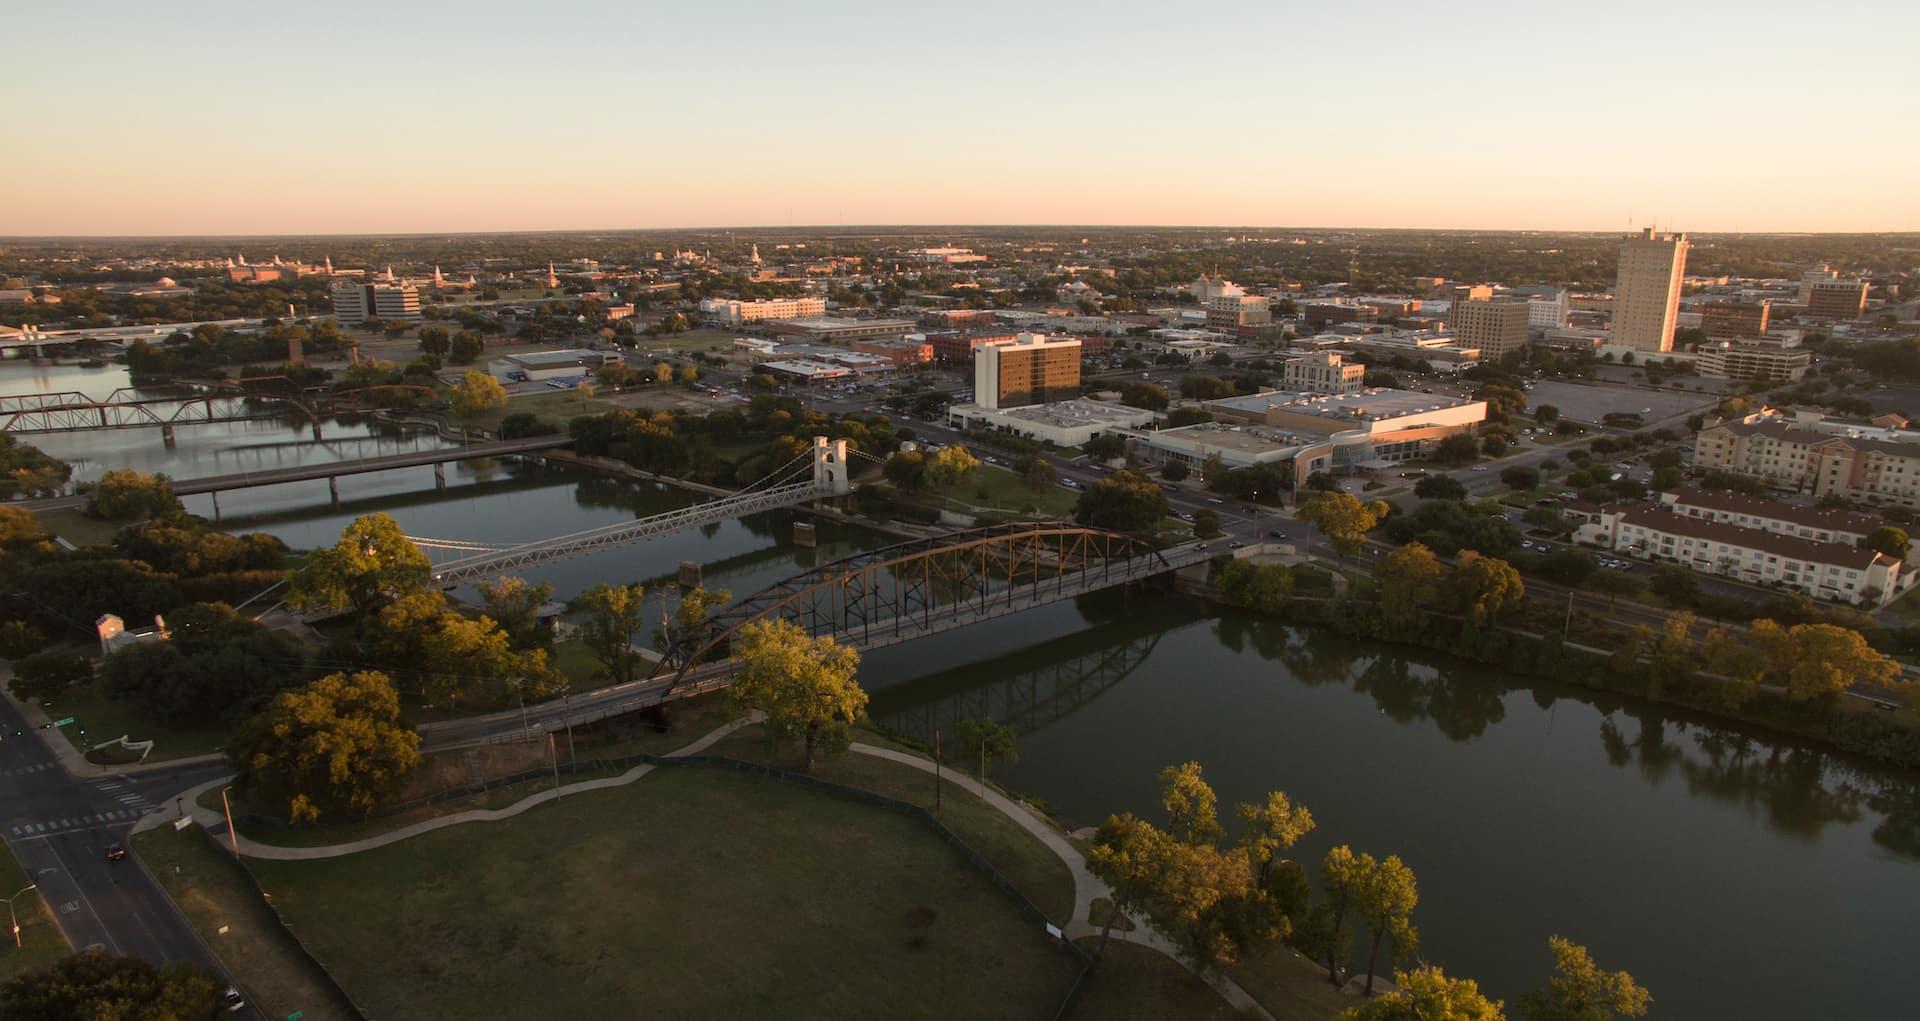 Birds Eye View of Waco Texas